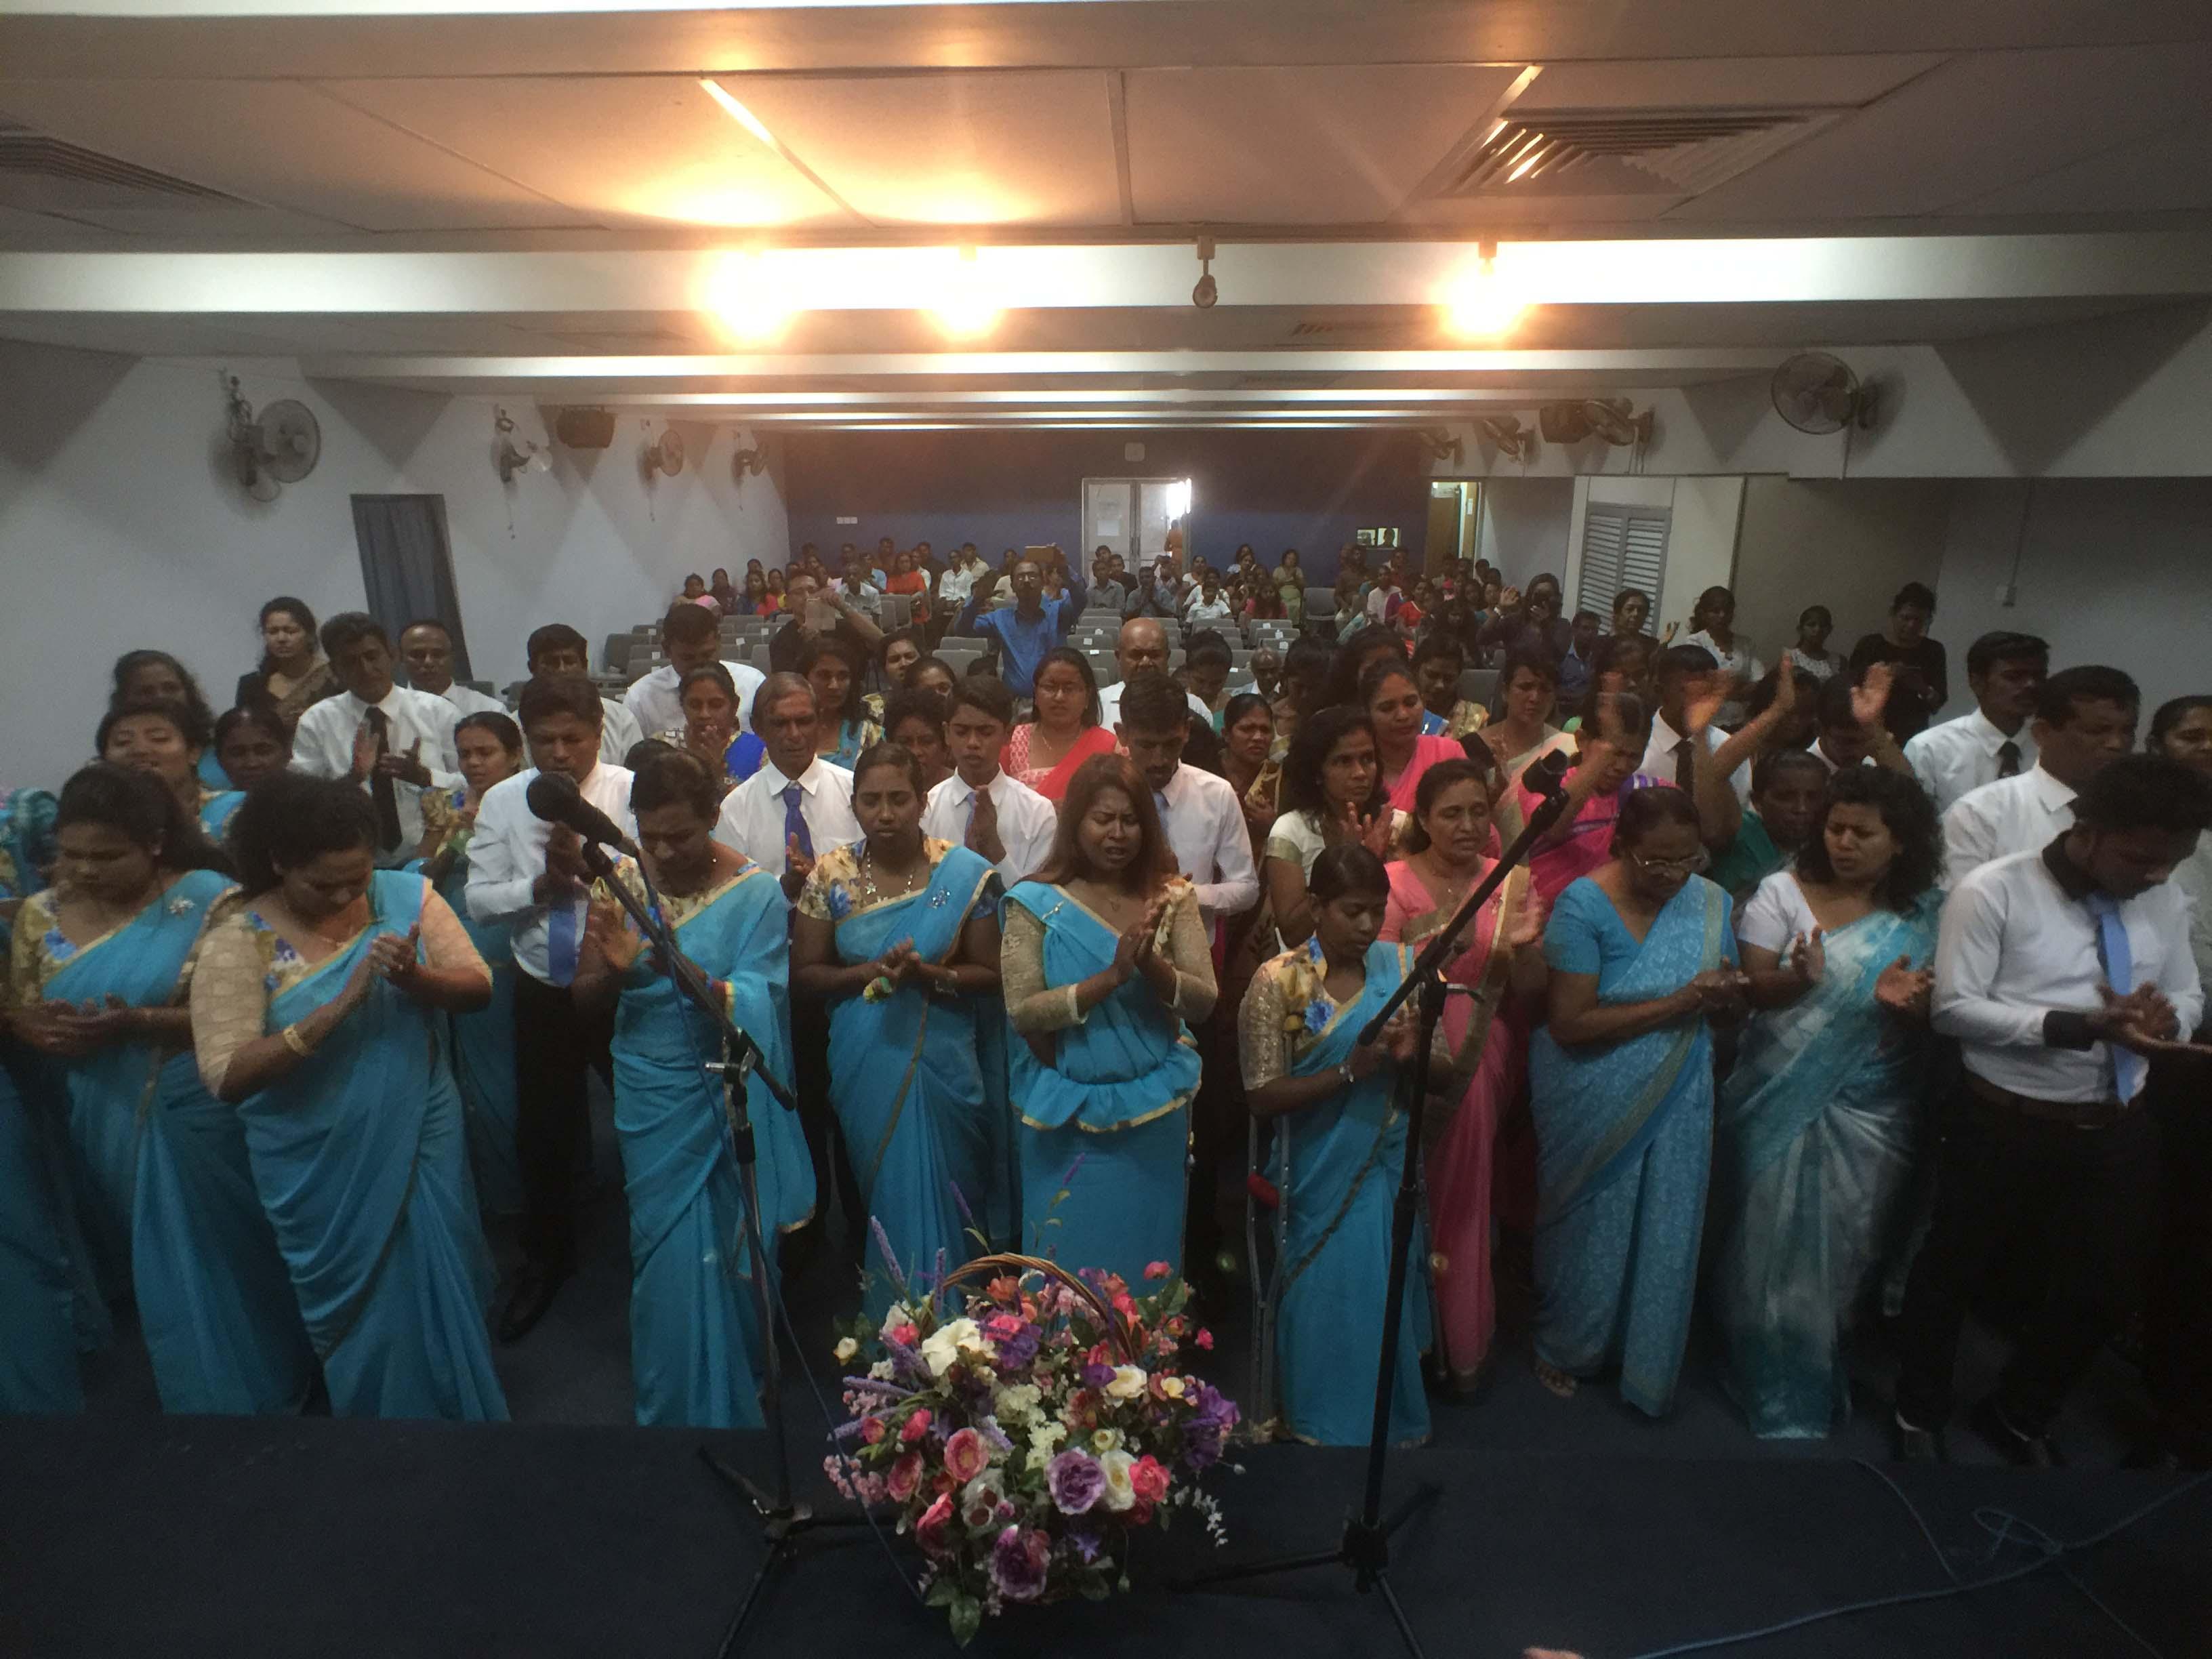 Worship after graduation